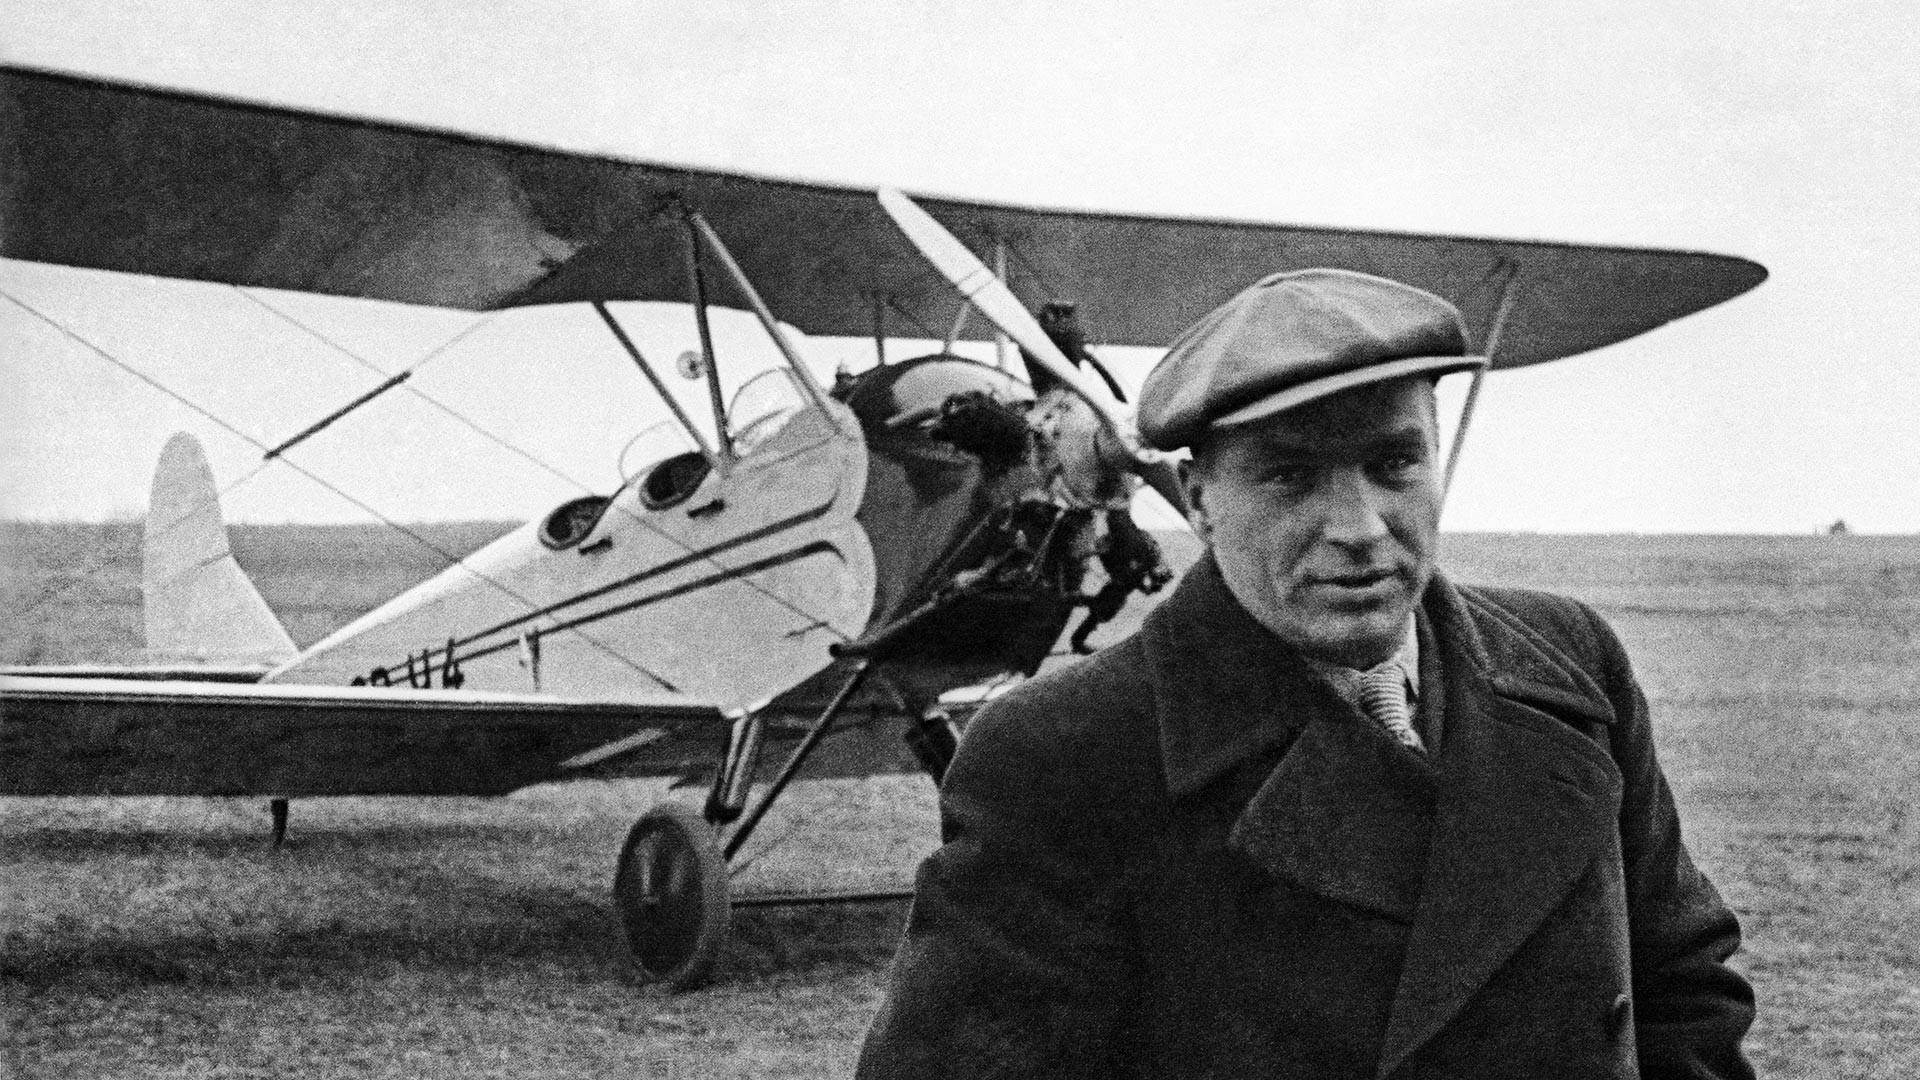 Chkalov vicino al suo aereo Polikarpov Po-2